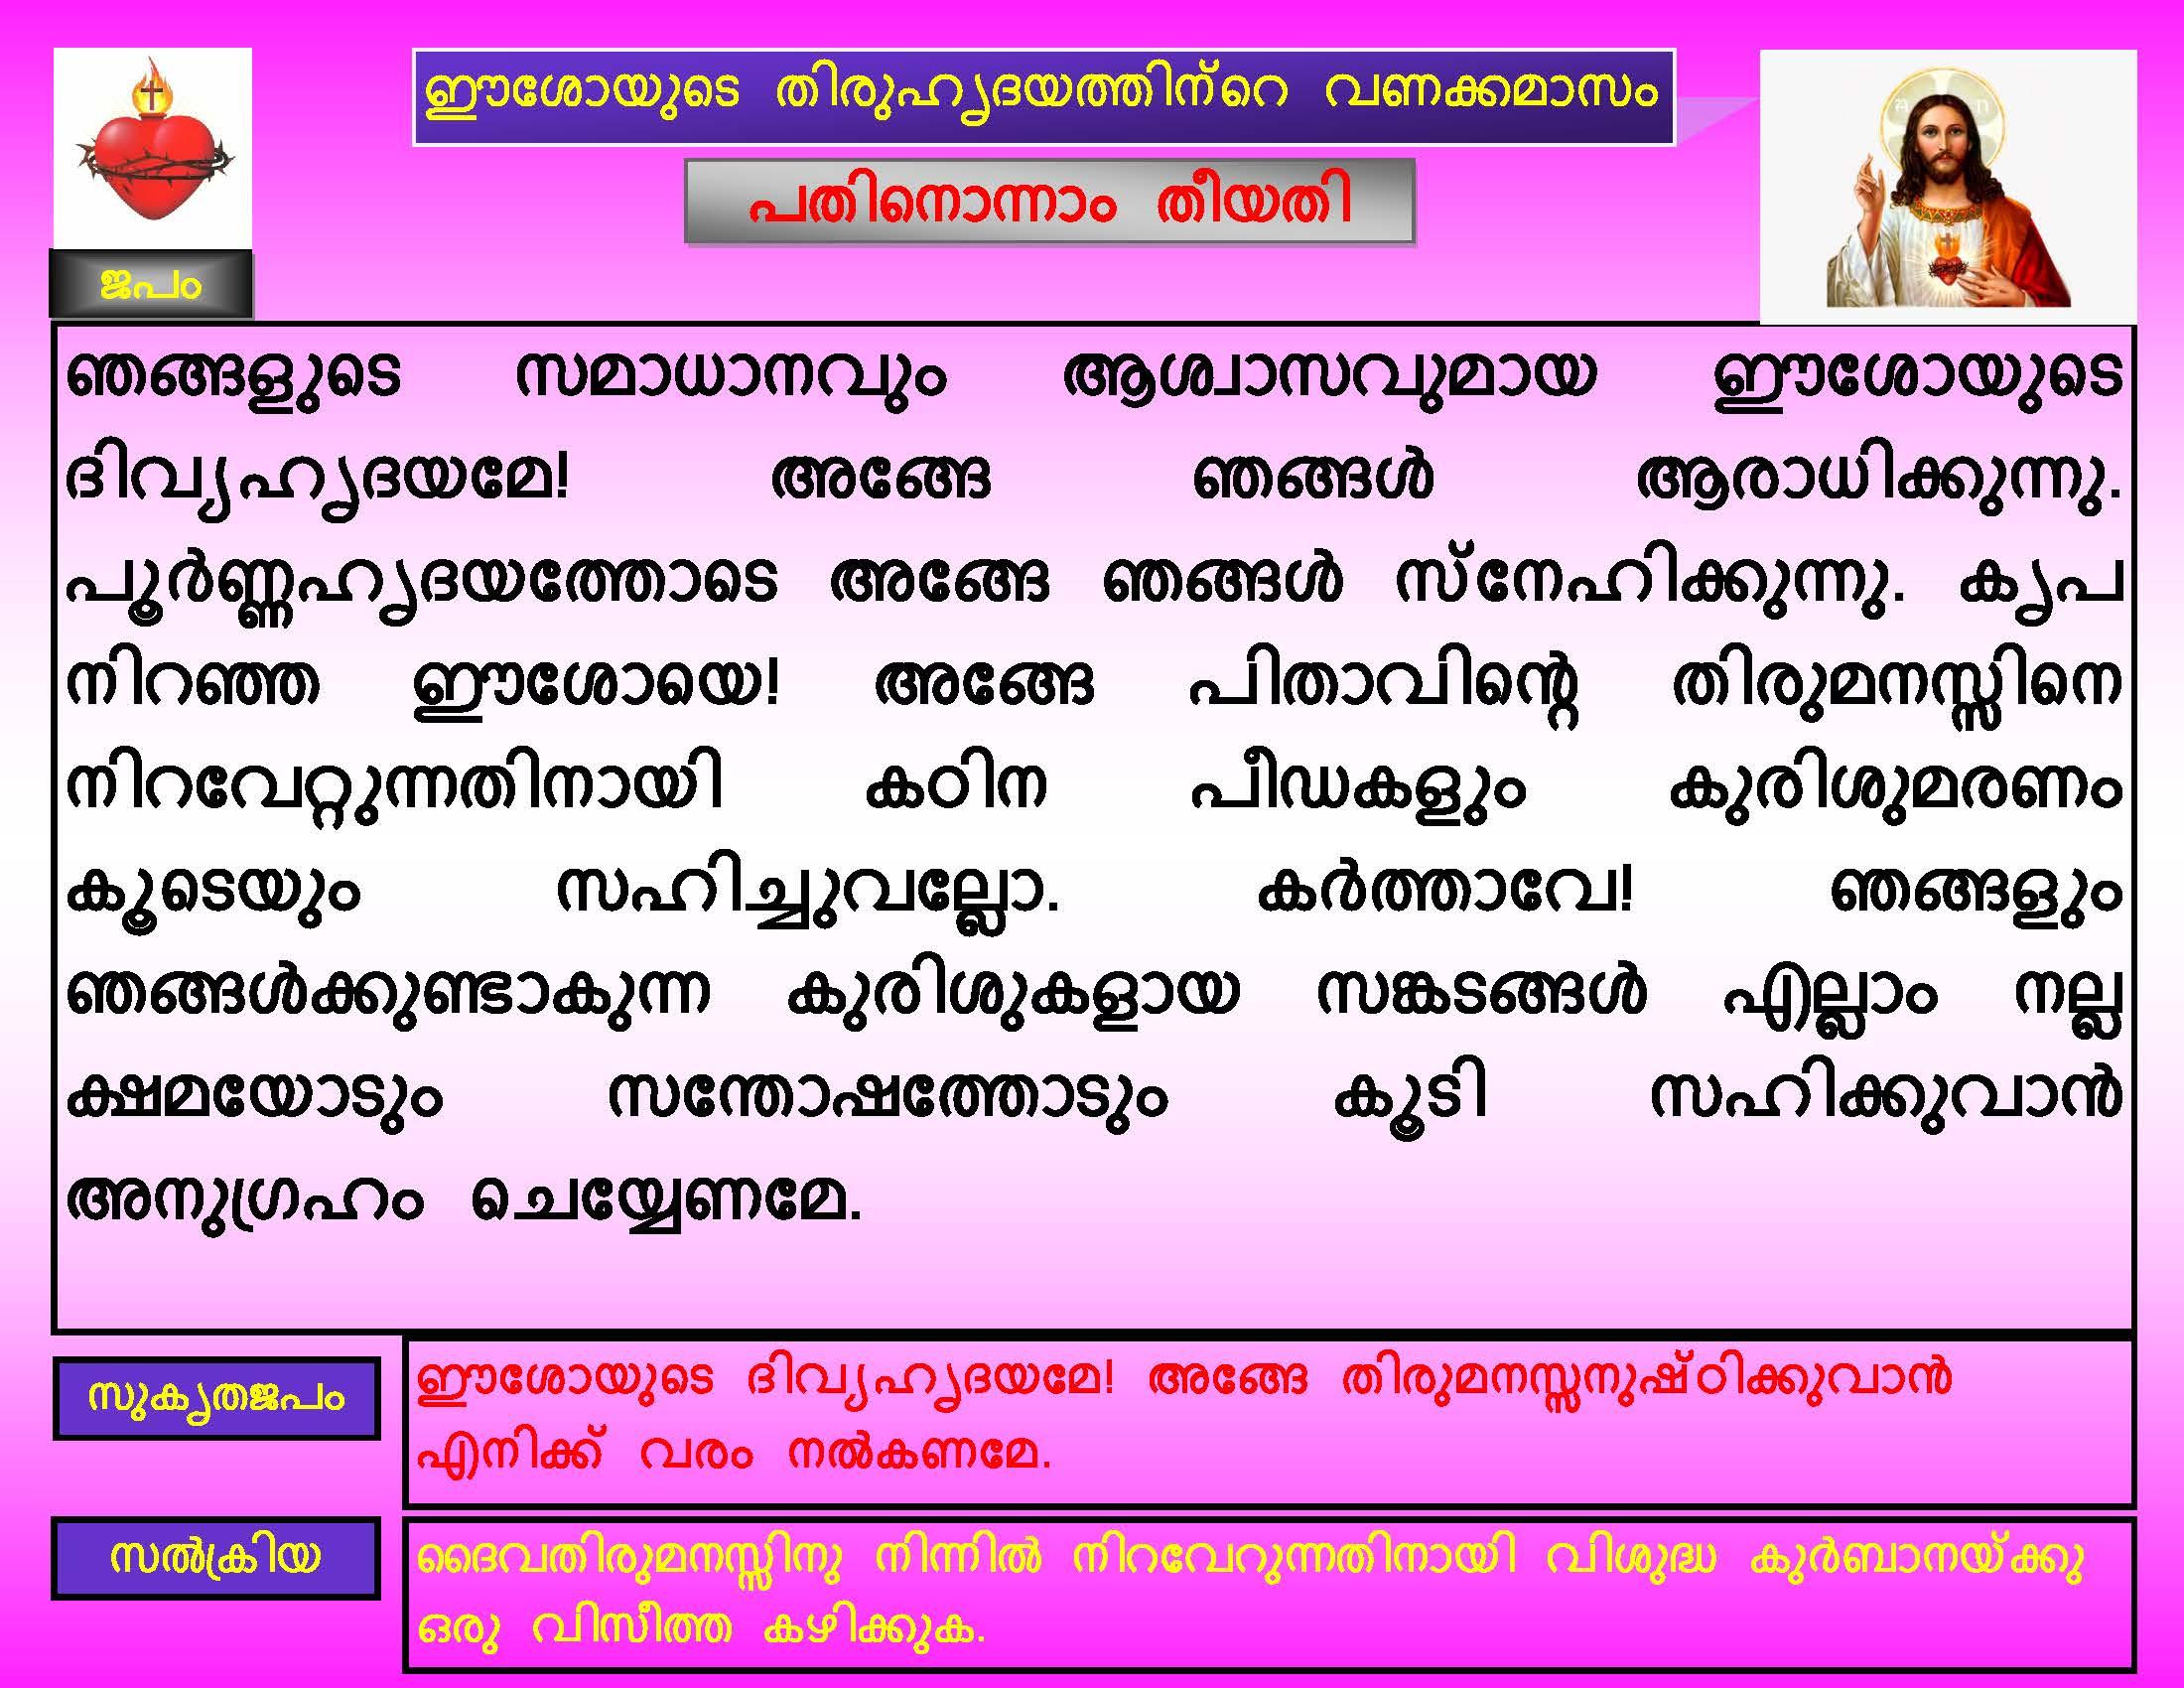 Thiruhrudaya Vanakkamasam - Day 11